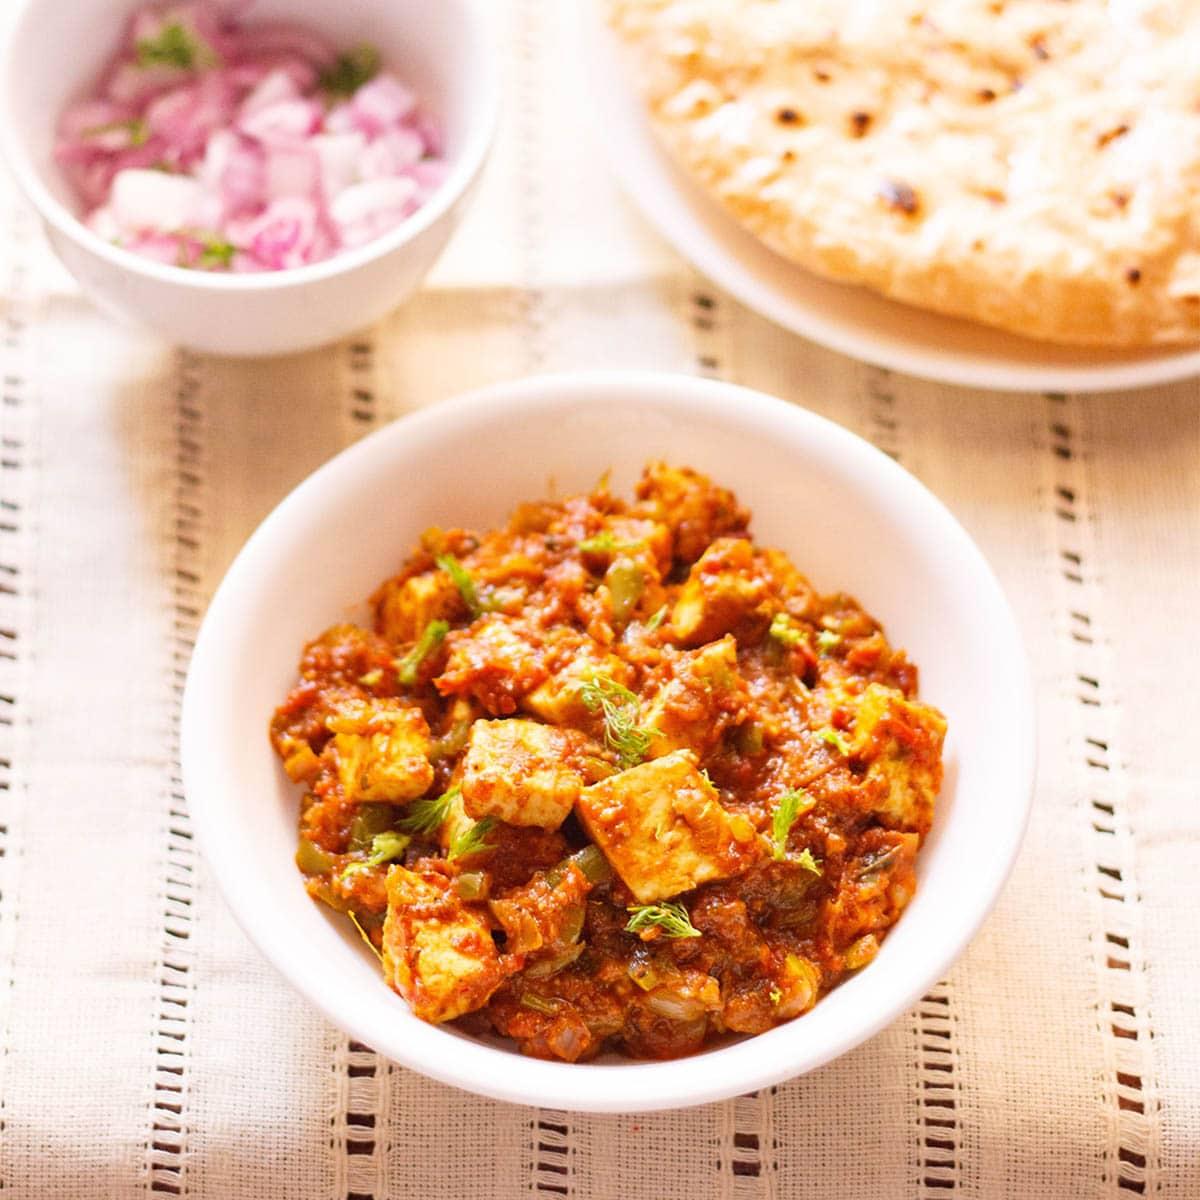 paneer tawa masala avec des feuilles de coriandre garnir dans un bol blanc sur un linge crème avec une assiette latérale de roti et un petit bol latéral d'oignons rouges hachés et de coriandre